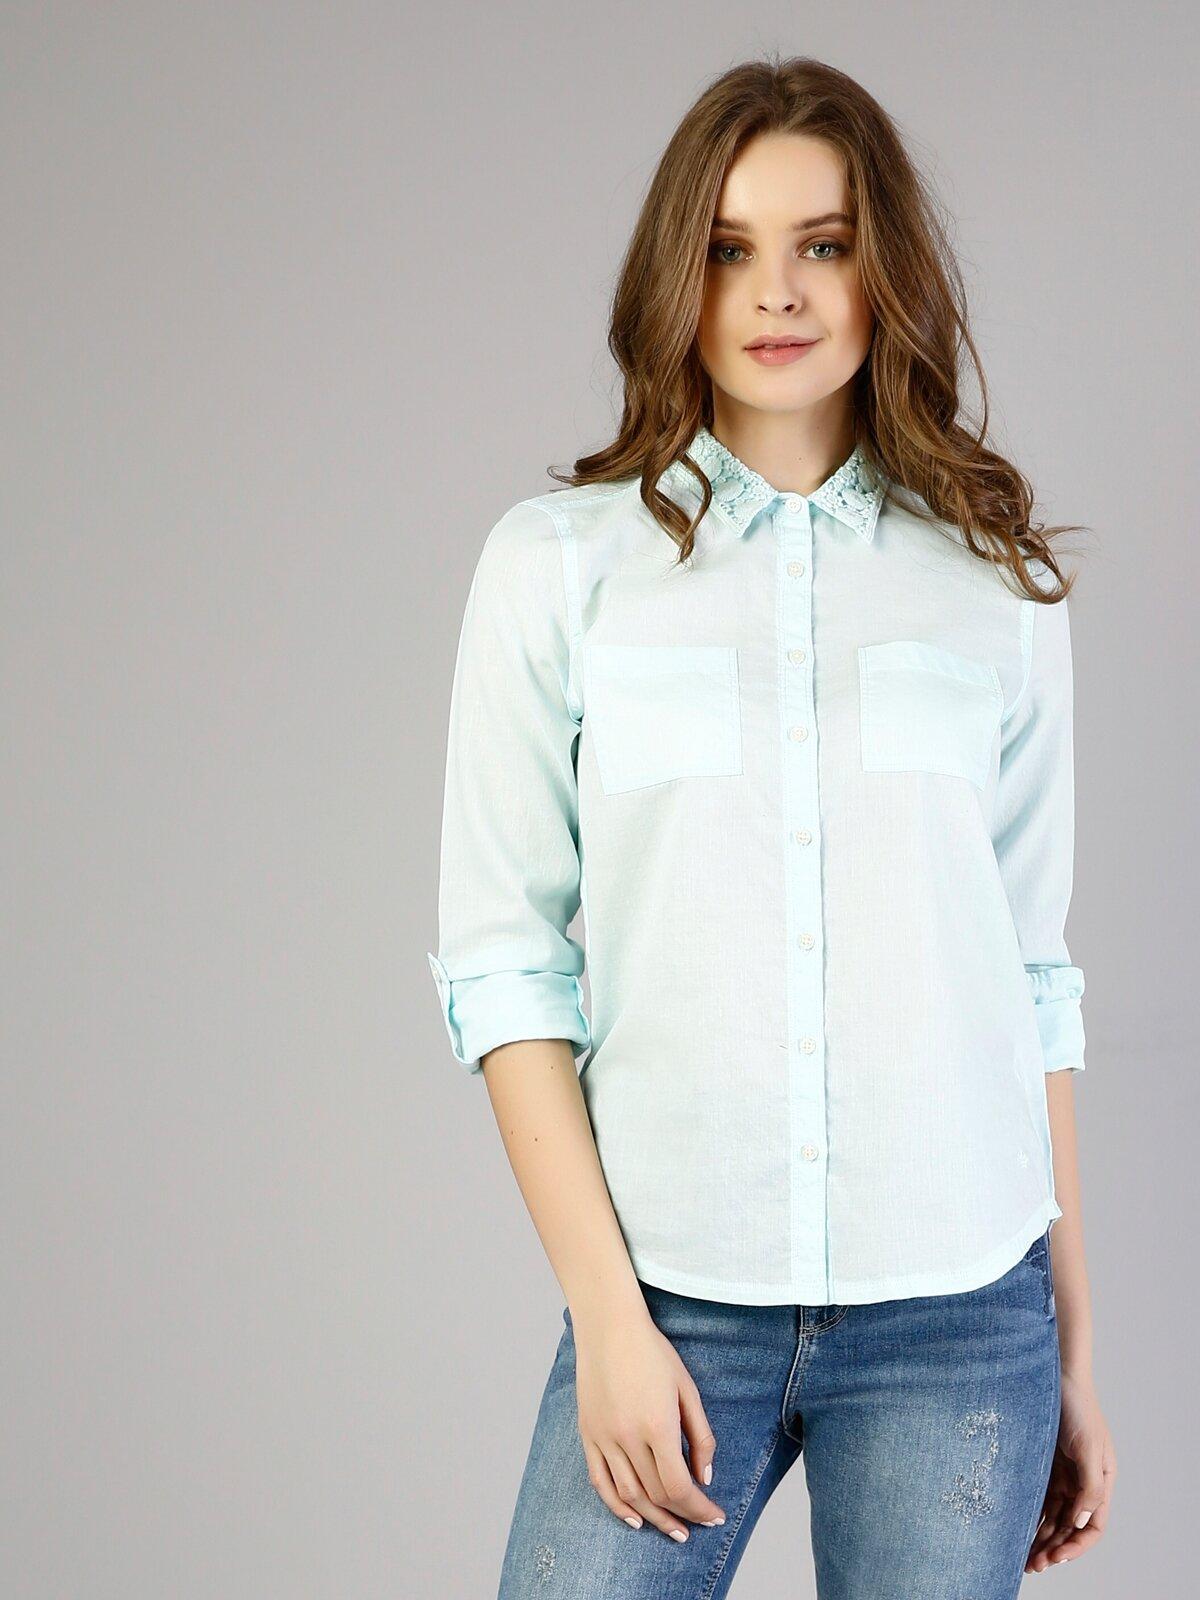 Slim Fit Shirt Neck Kadın Mint Yeşili Uzun Kol Gömlek